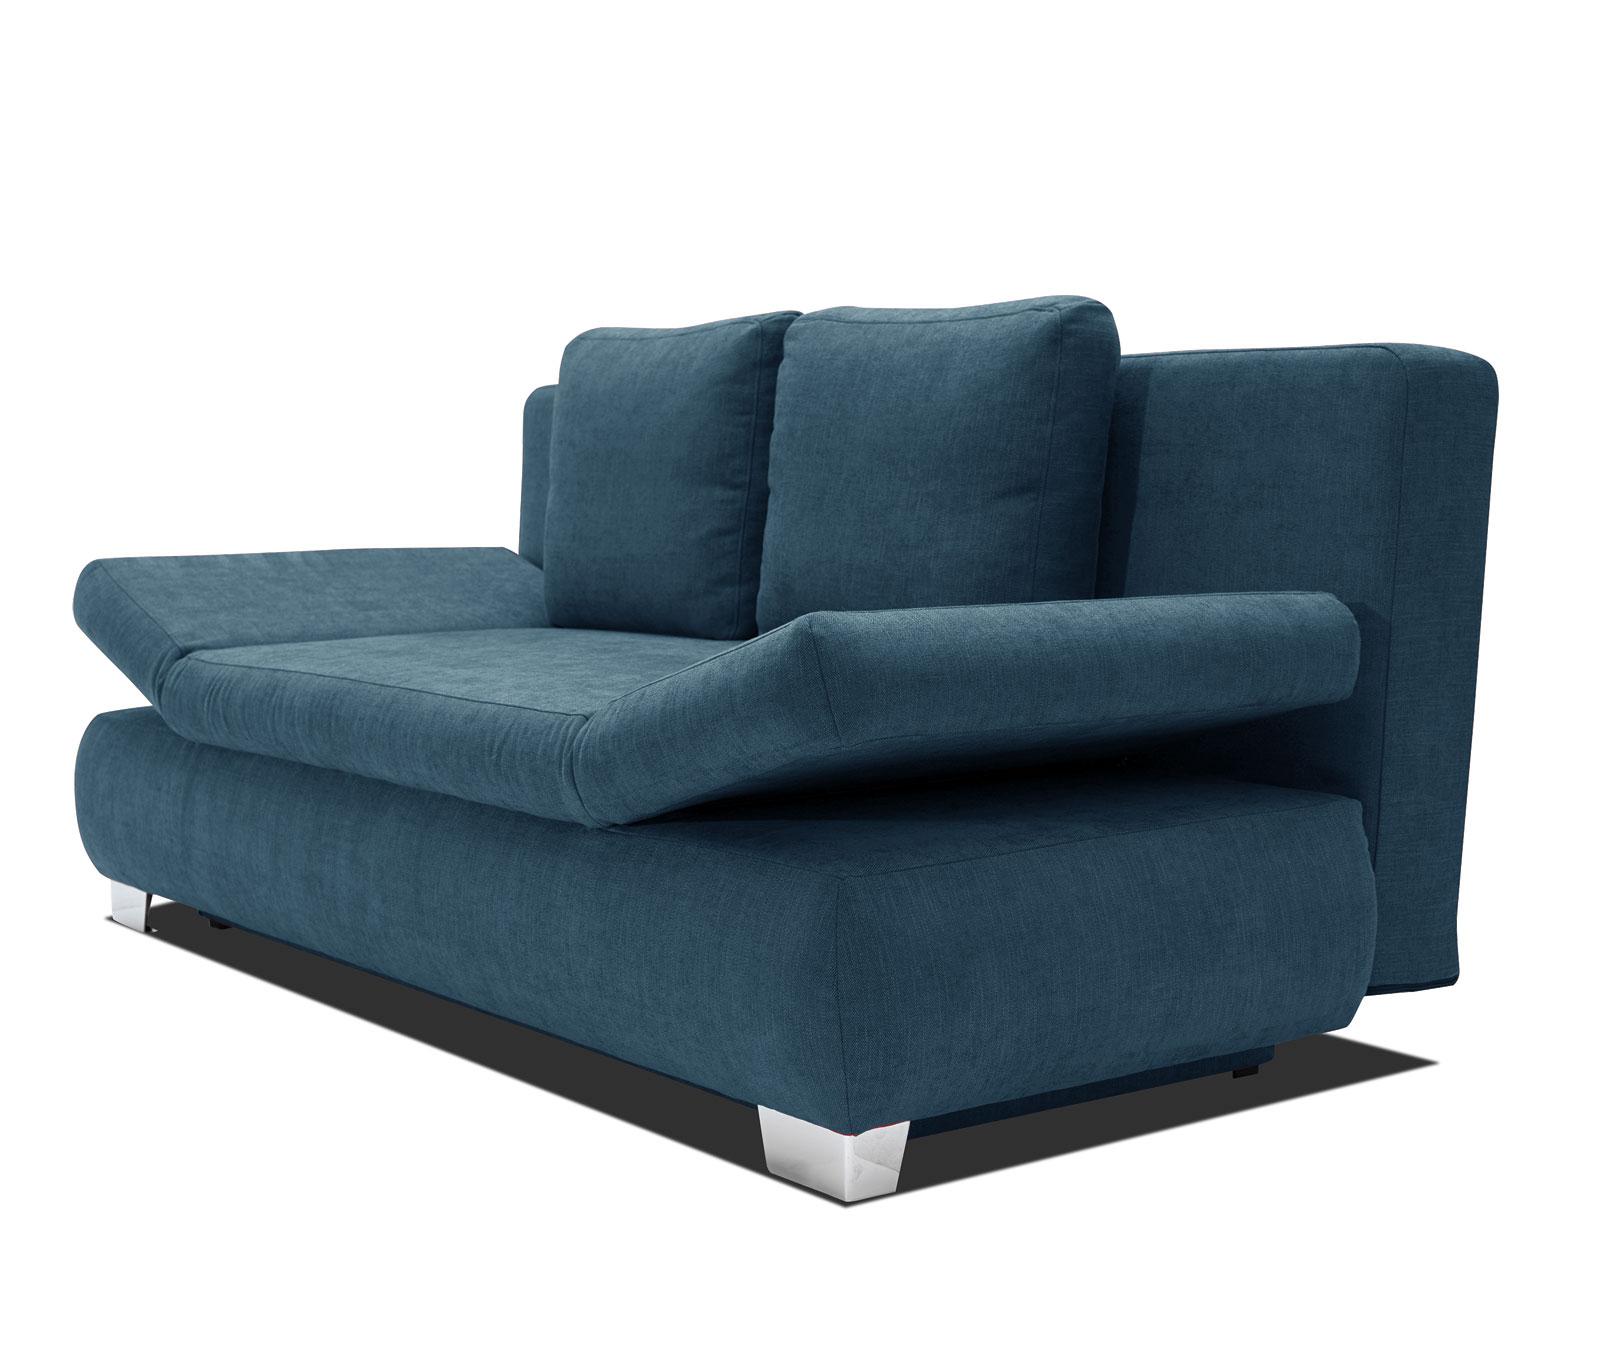 schlafcouch mit bettkasten und federkern. Black Bedroom Furniture Sets. Home Design Ideas